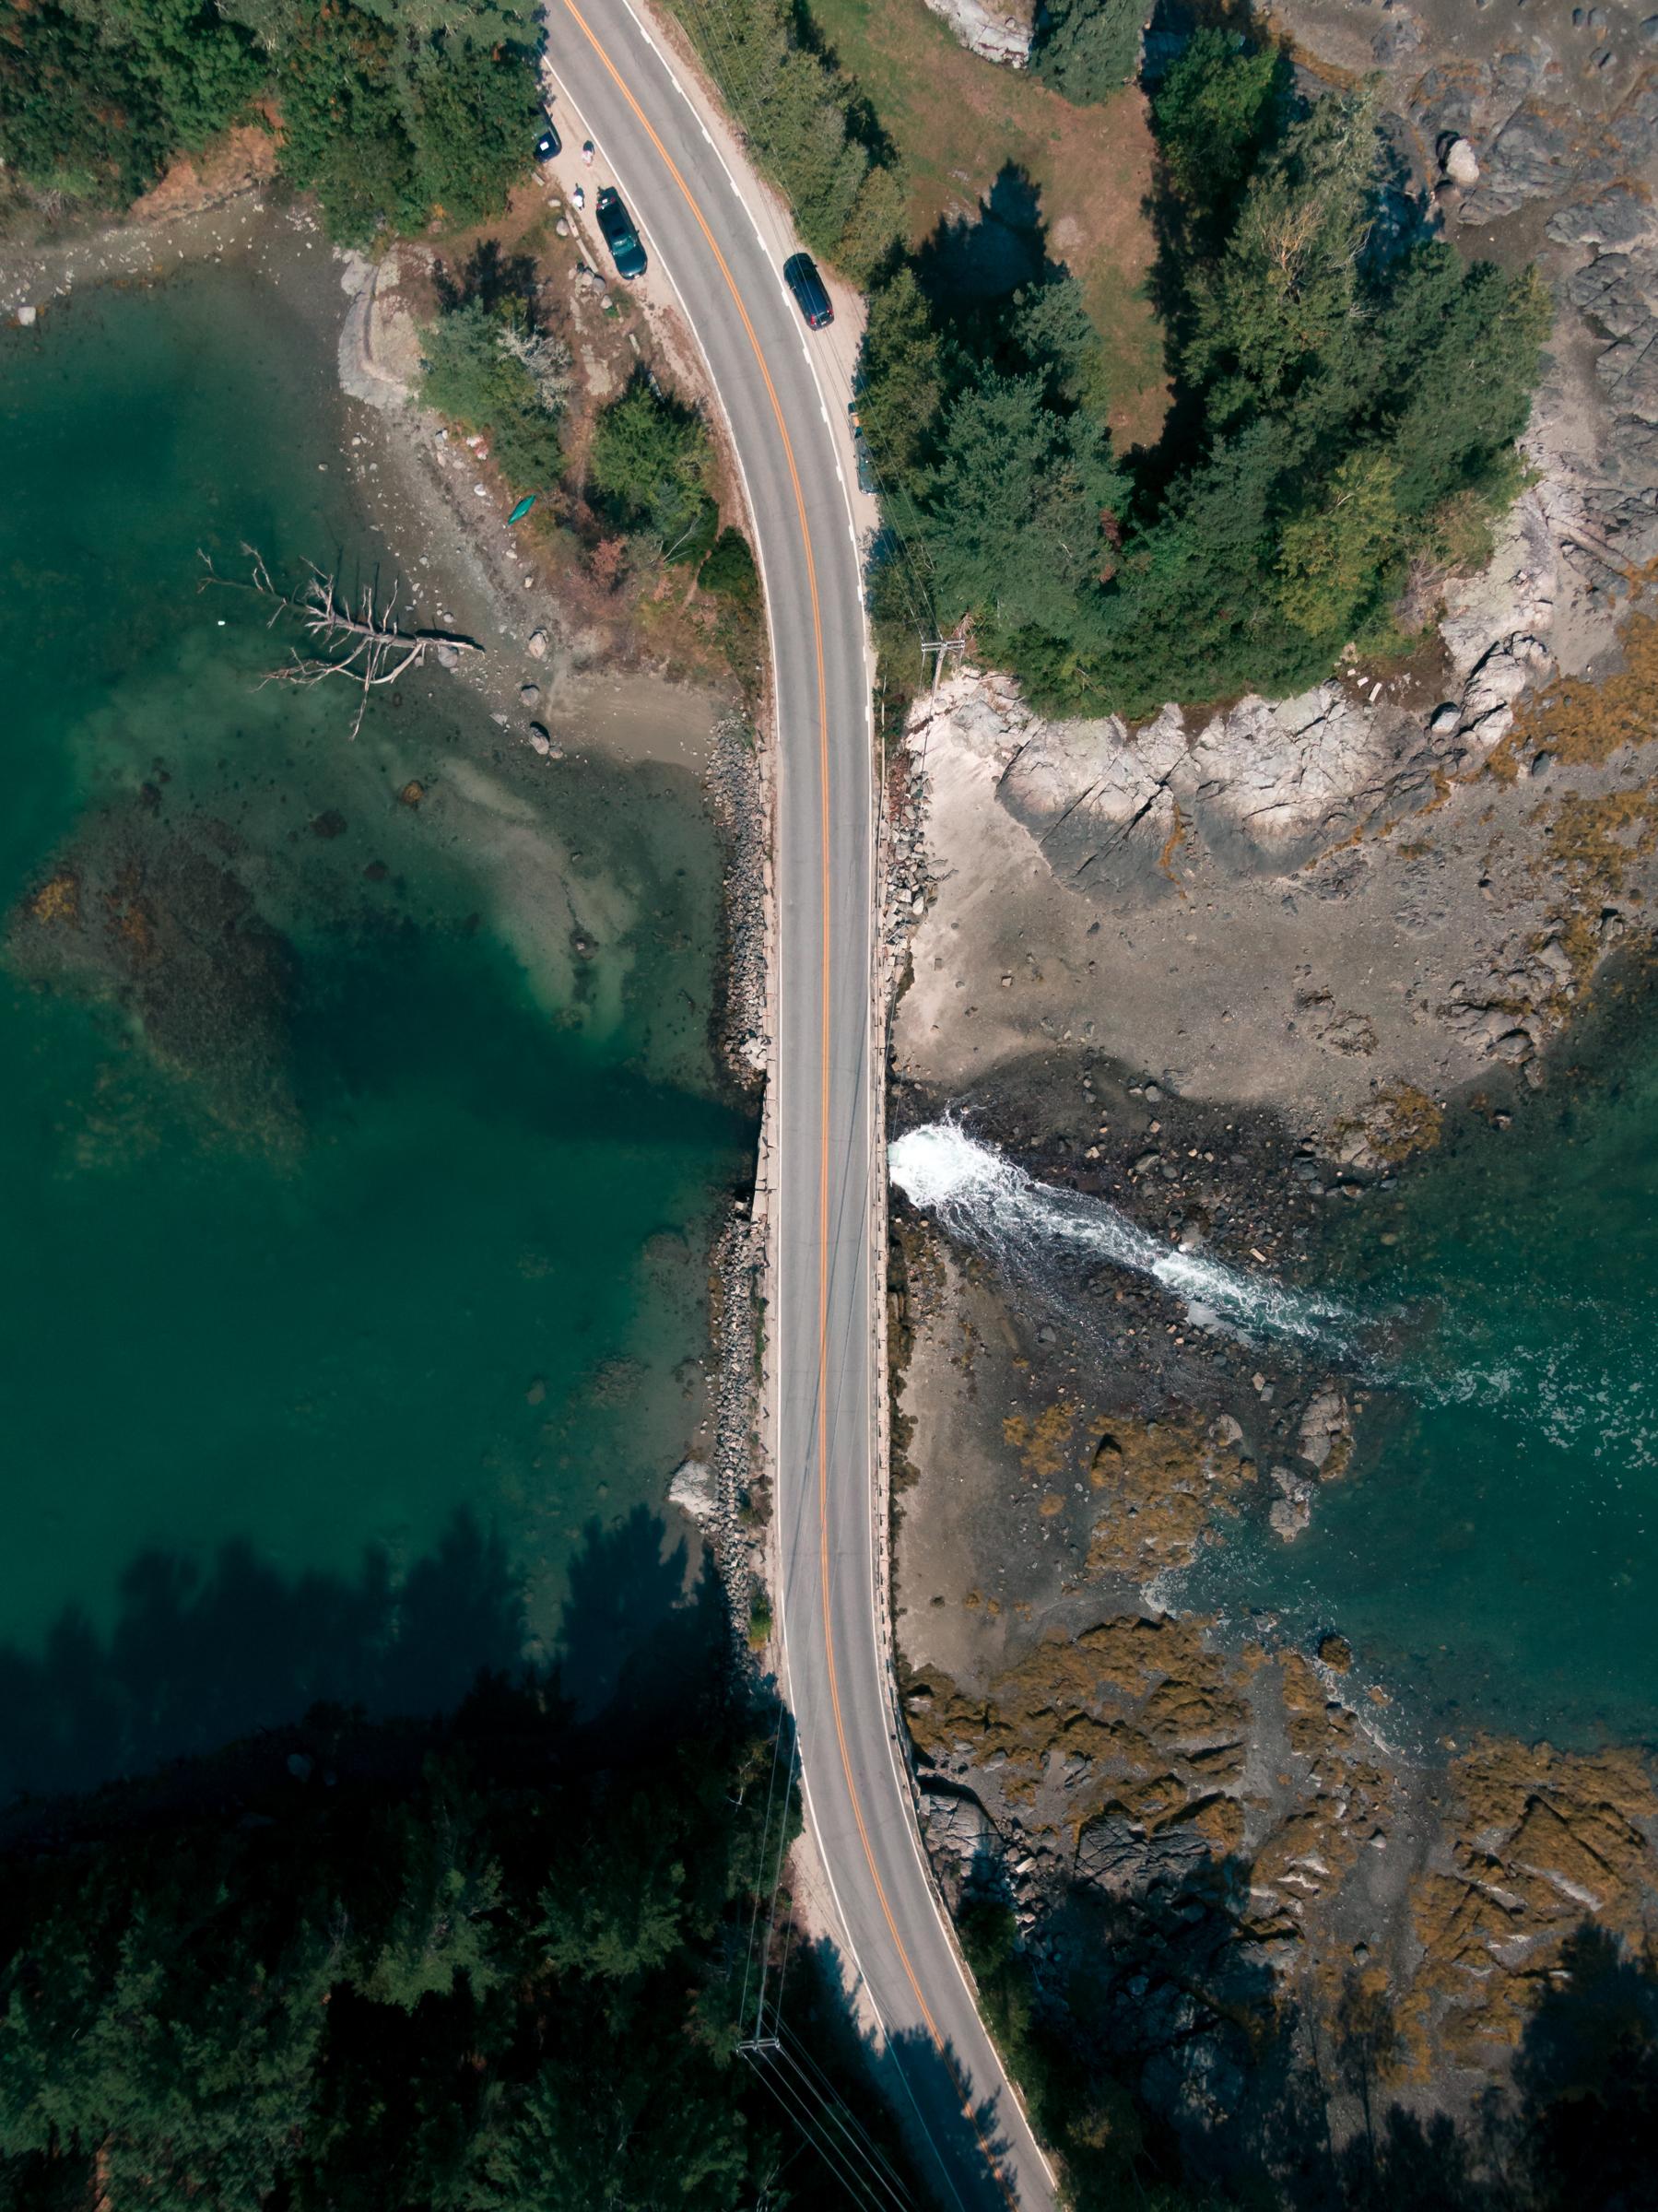 bluehills_typoland_aerial.jpg